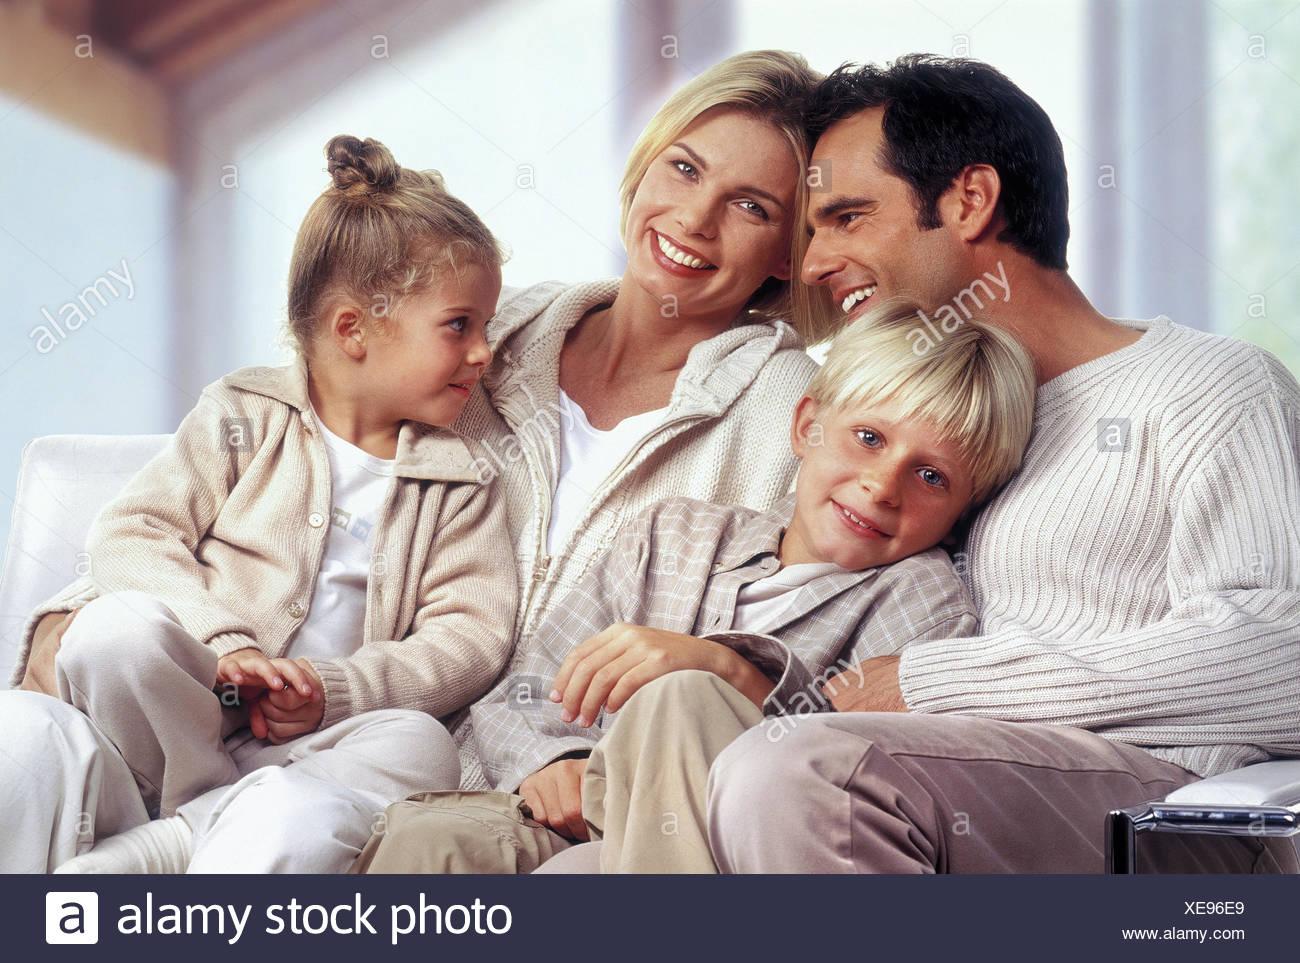 Familie, Couch, lachen, glücklich, kuscheln, harmonisch Familien, paar, Eltern, Kinder, zwei, jungen, Mädchen, Tochter, Sohn, Geschwister, glücklich, Glück, Familie Glück, Harmonie, Freude, Sofa, zusammen, innen, Stockbild